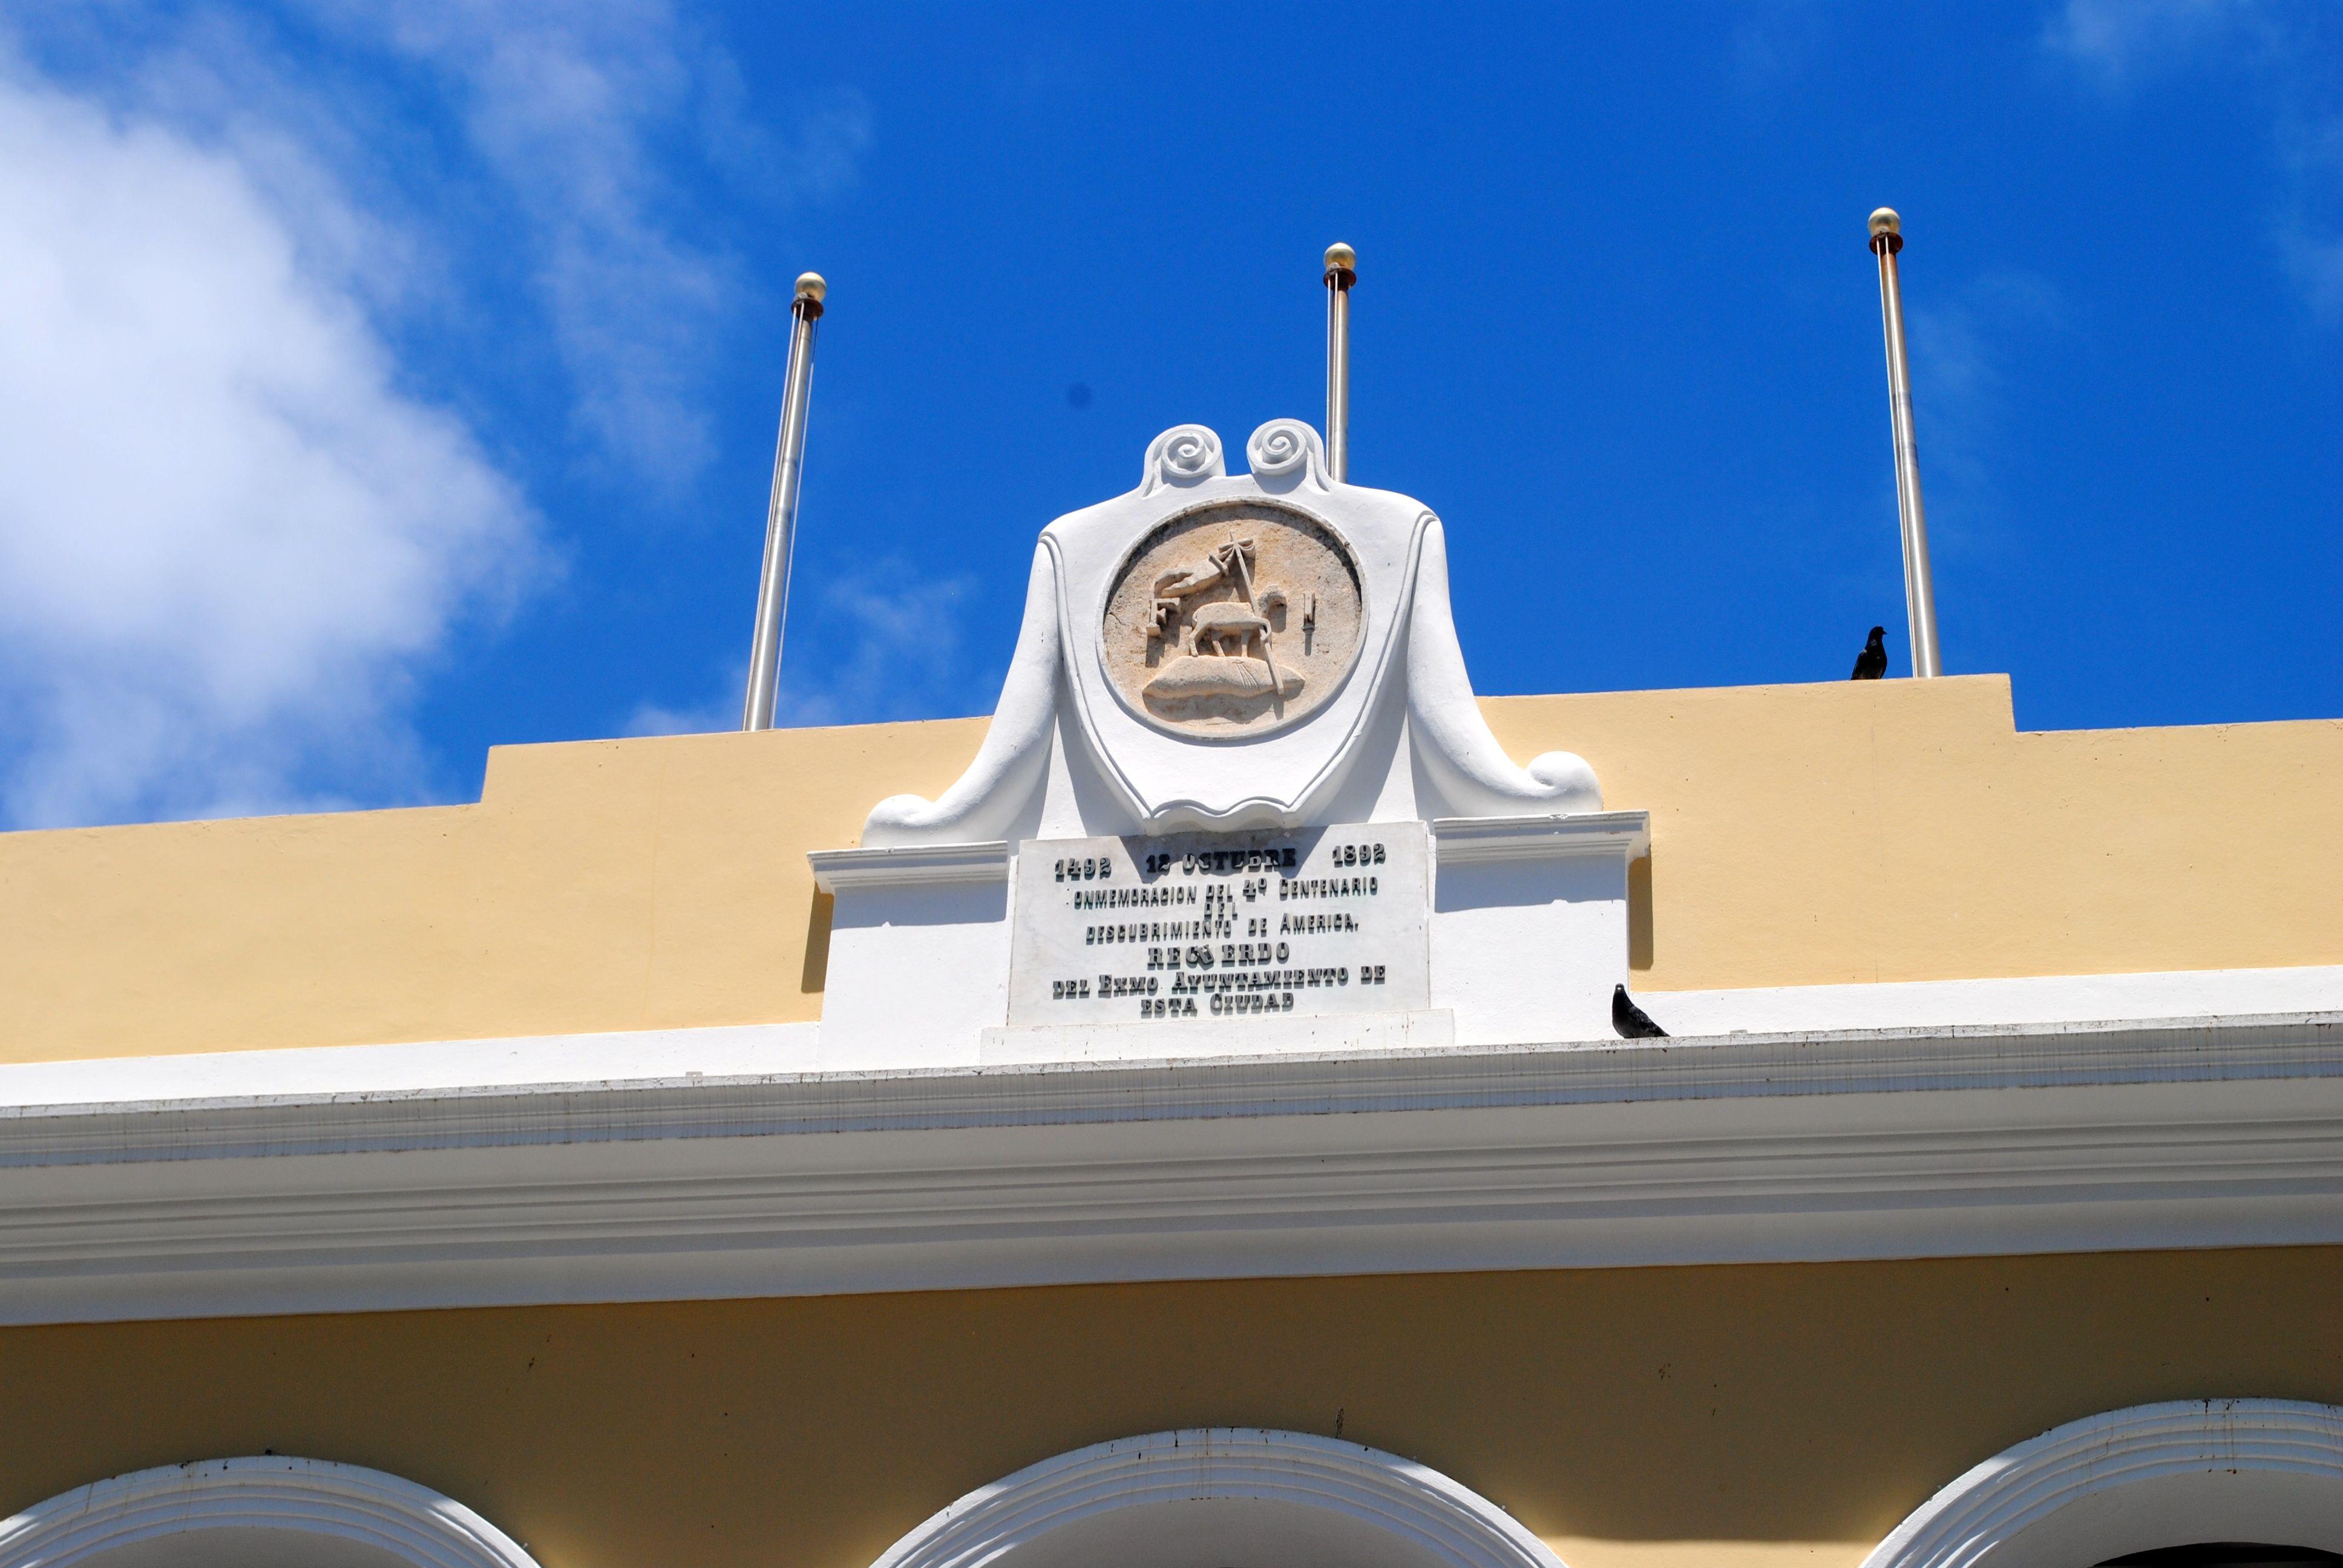 Satatue Of Liberty With Puartarican Flag Tattoo: Escudo De Puerto Rico En La Plaza De Armas De San Juan